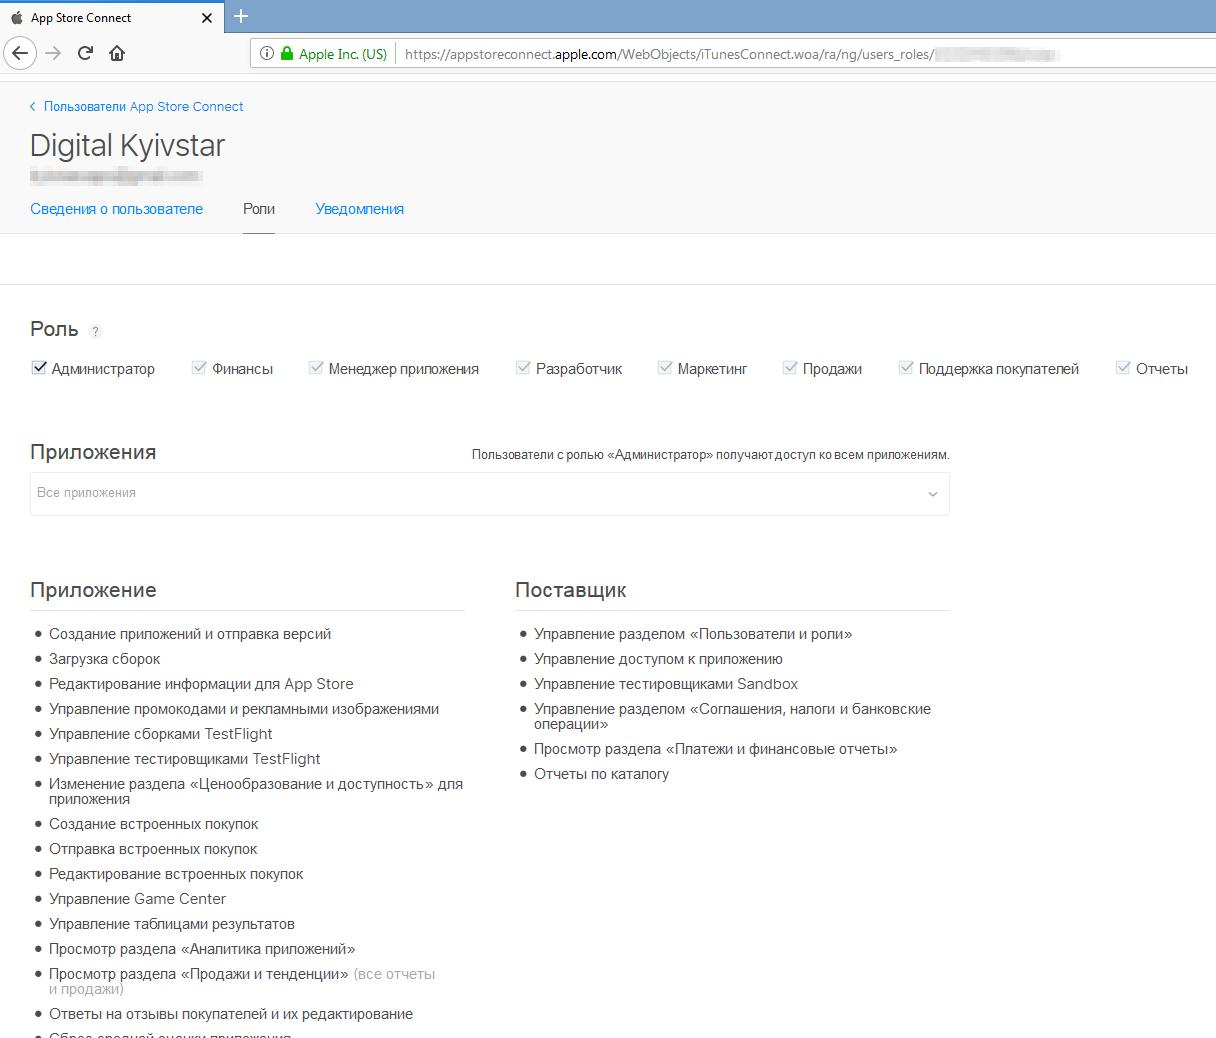 Украинский оператор случайно слил корпоративные пароли хакеру: что произошло